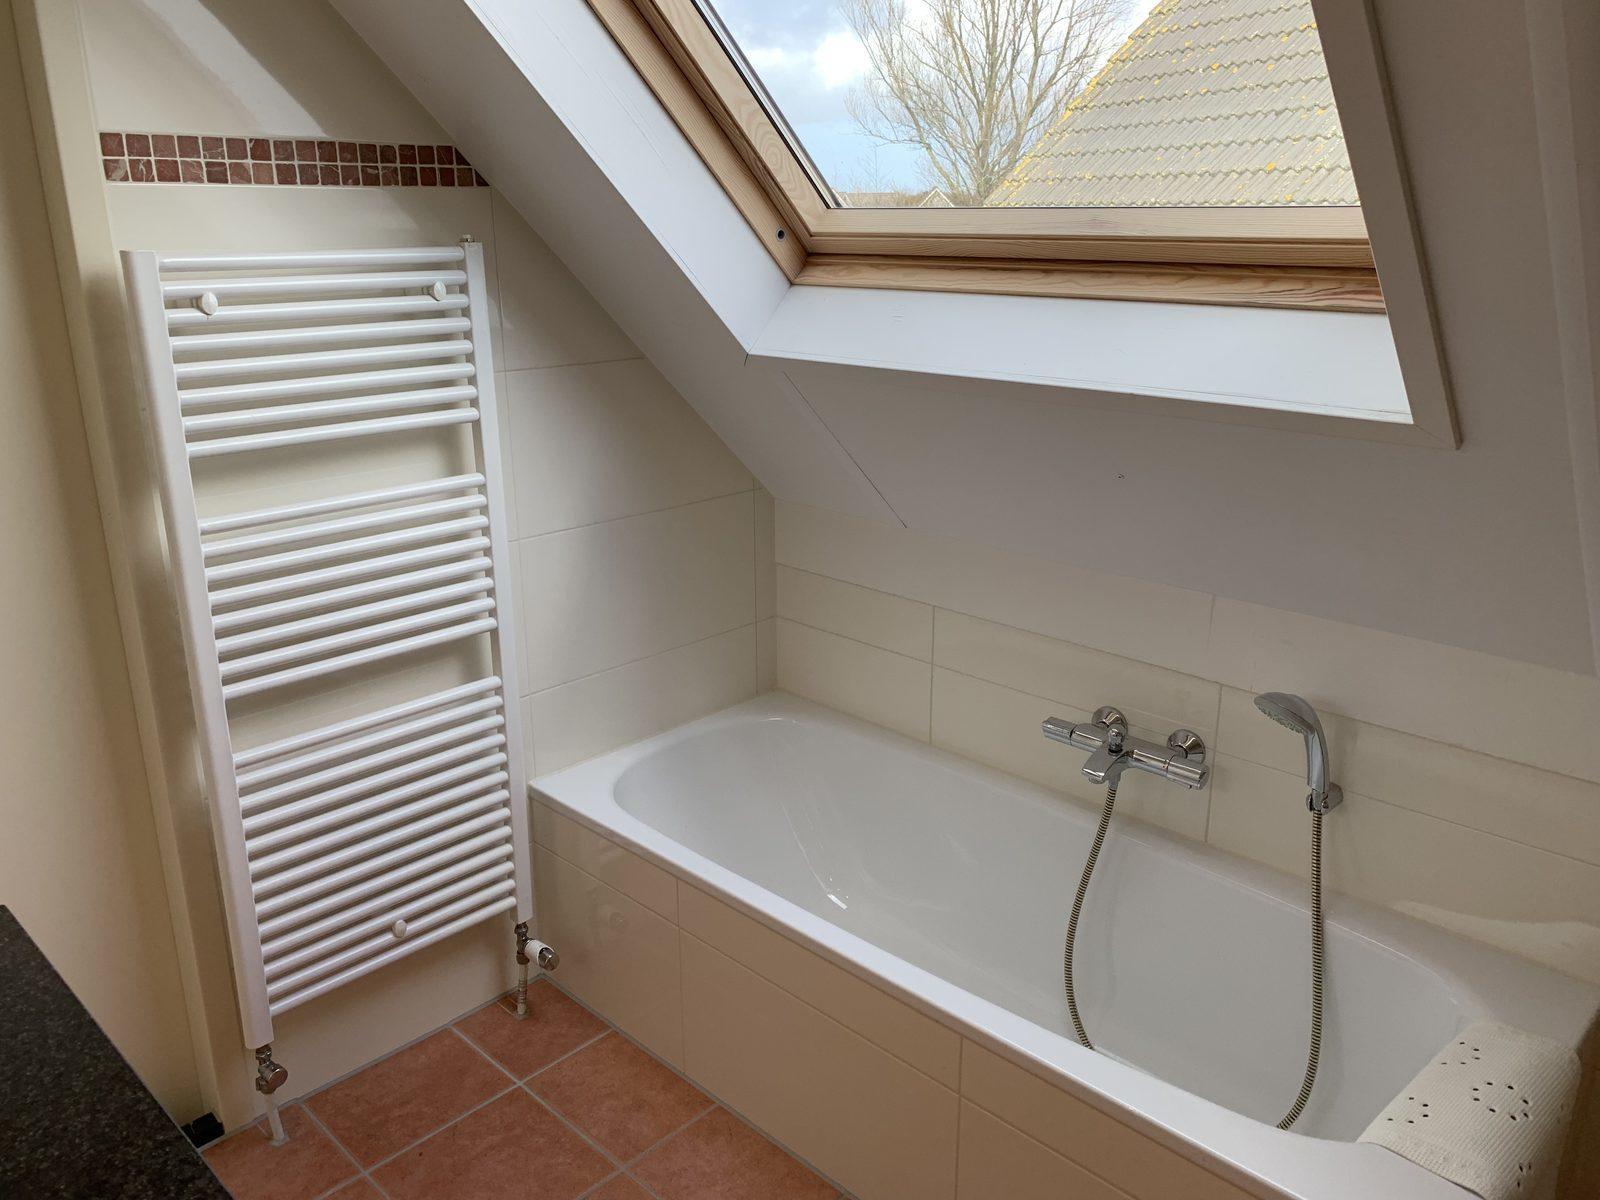 IJsselmeerstraat 153 Comfort Plus, slaap- en badkamer beneden